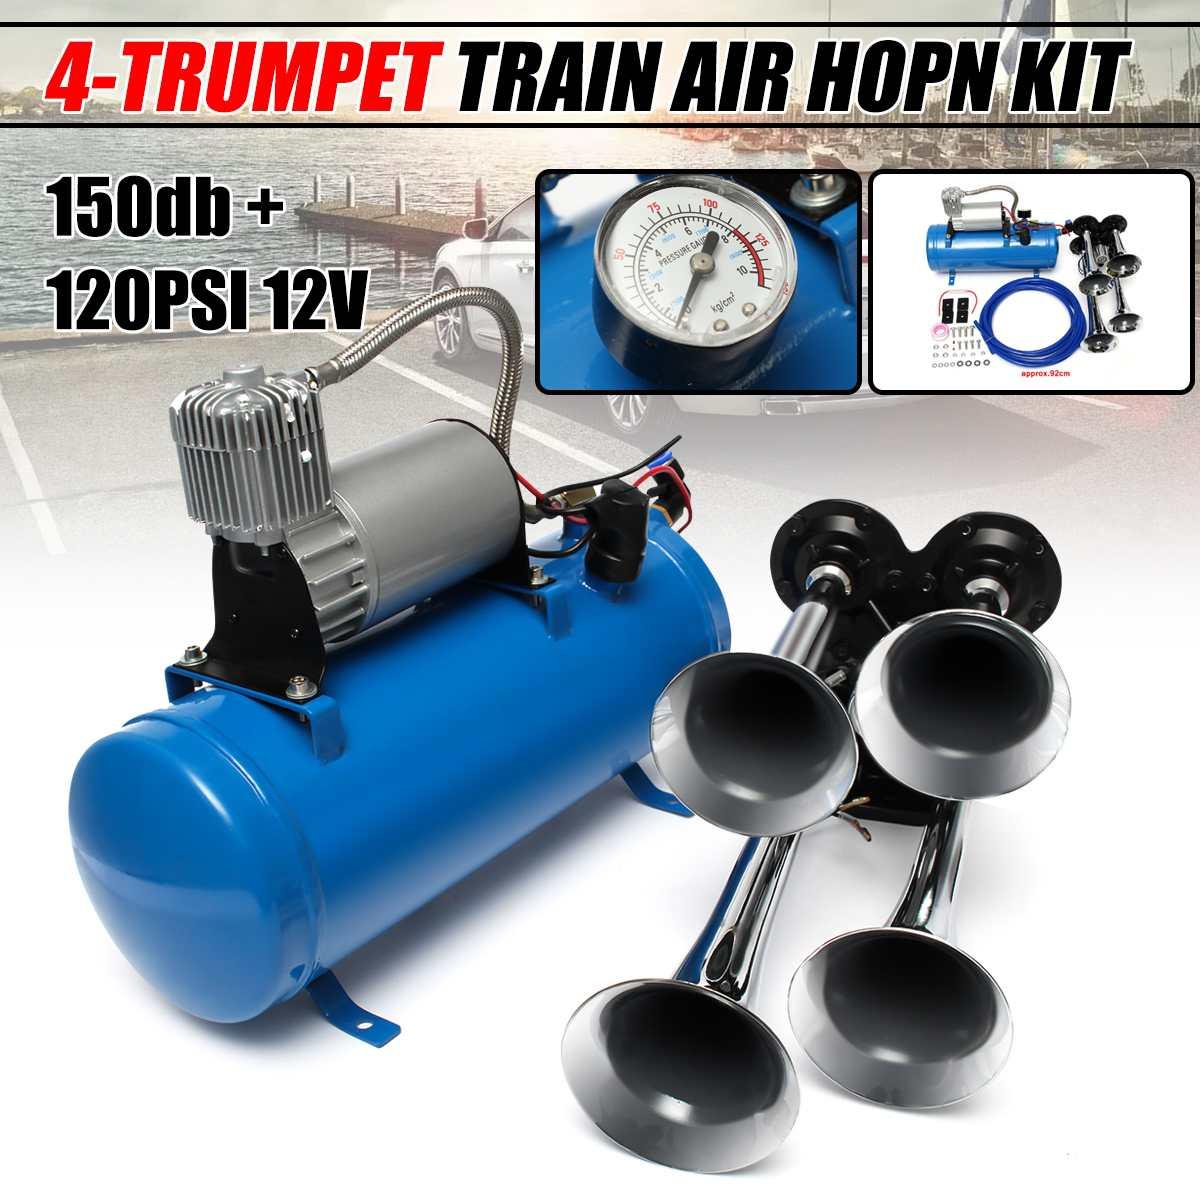 12 V/24 V 120 PSI 4 Air Train Chrome Horn trąbka pojazd niebieski przewód sprężarki 150dB